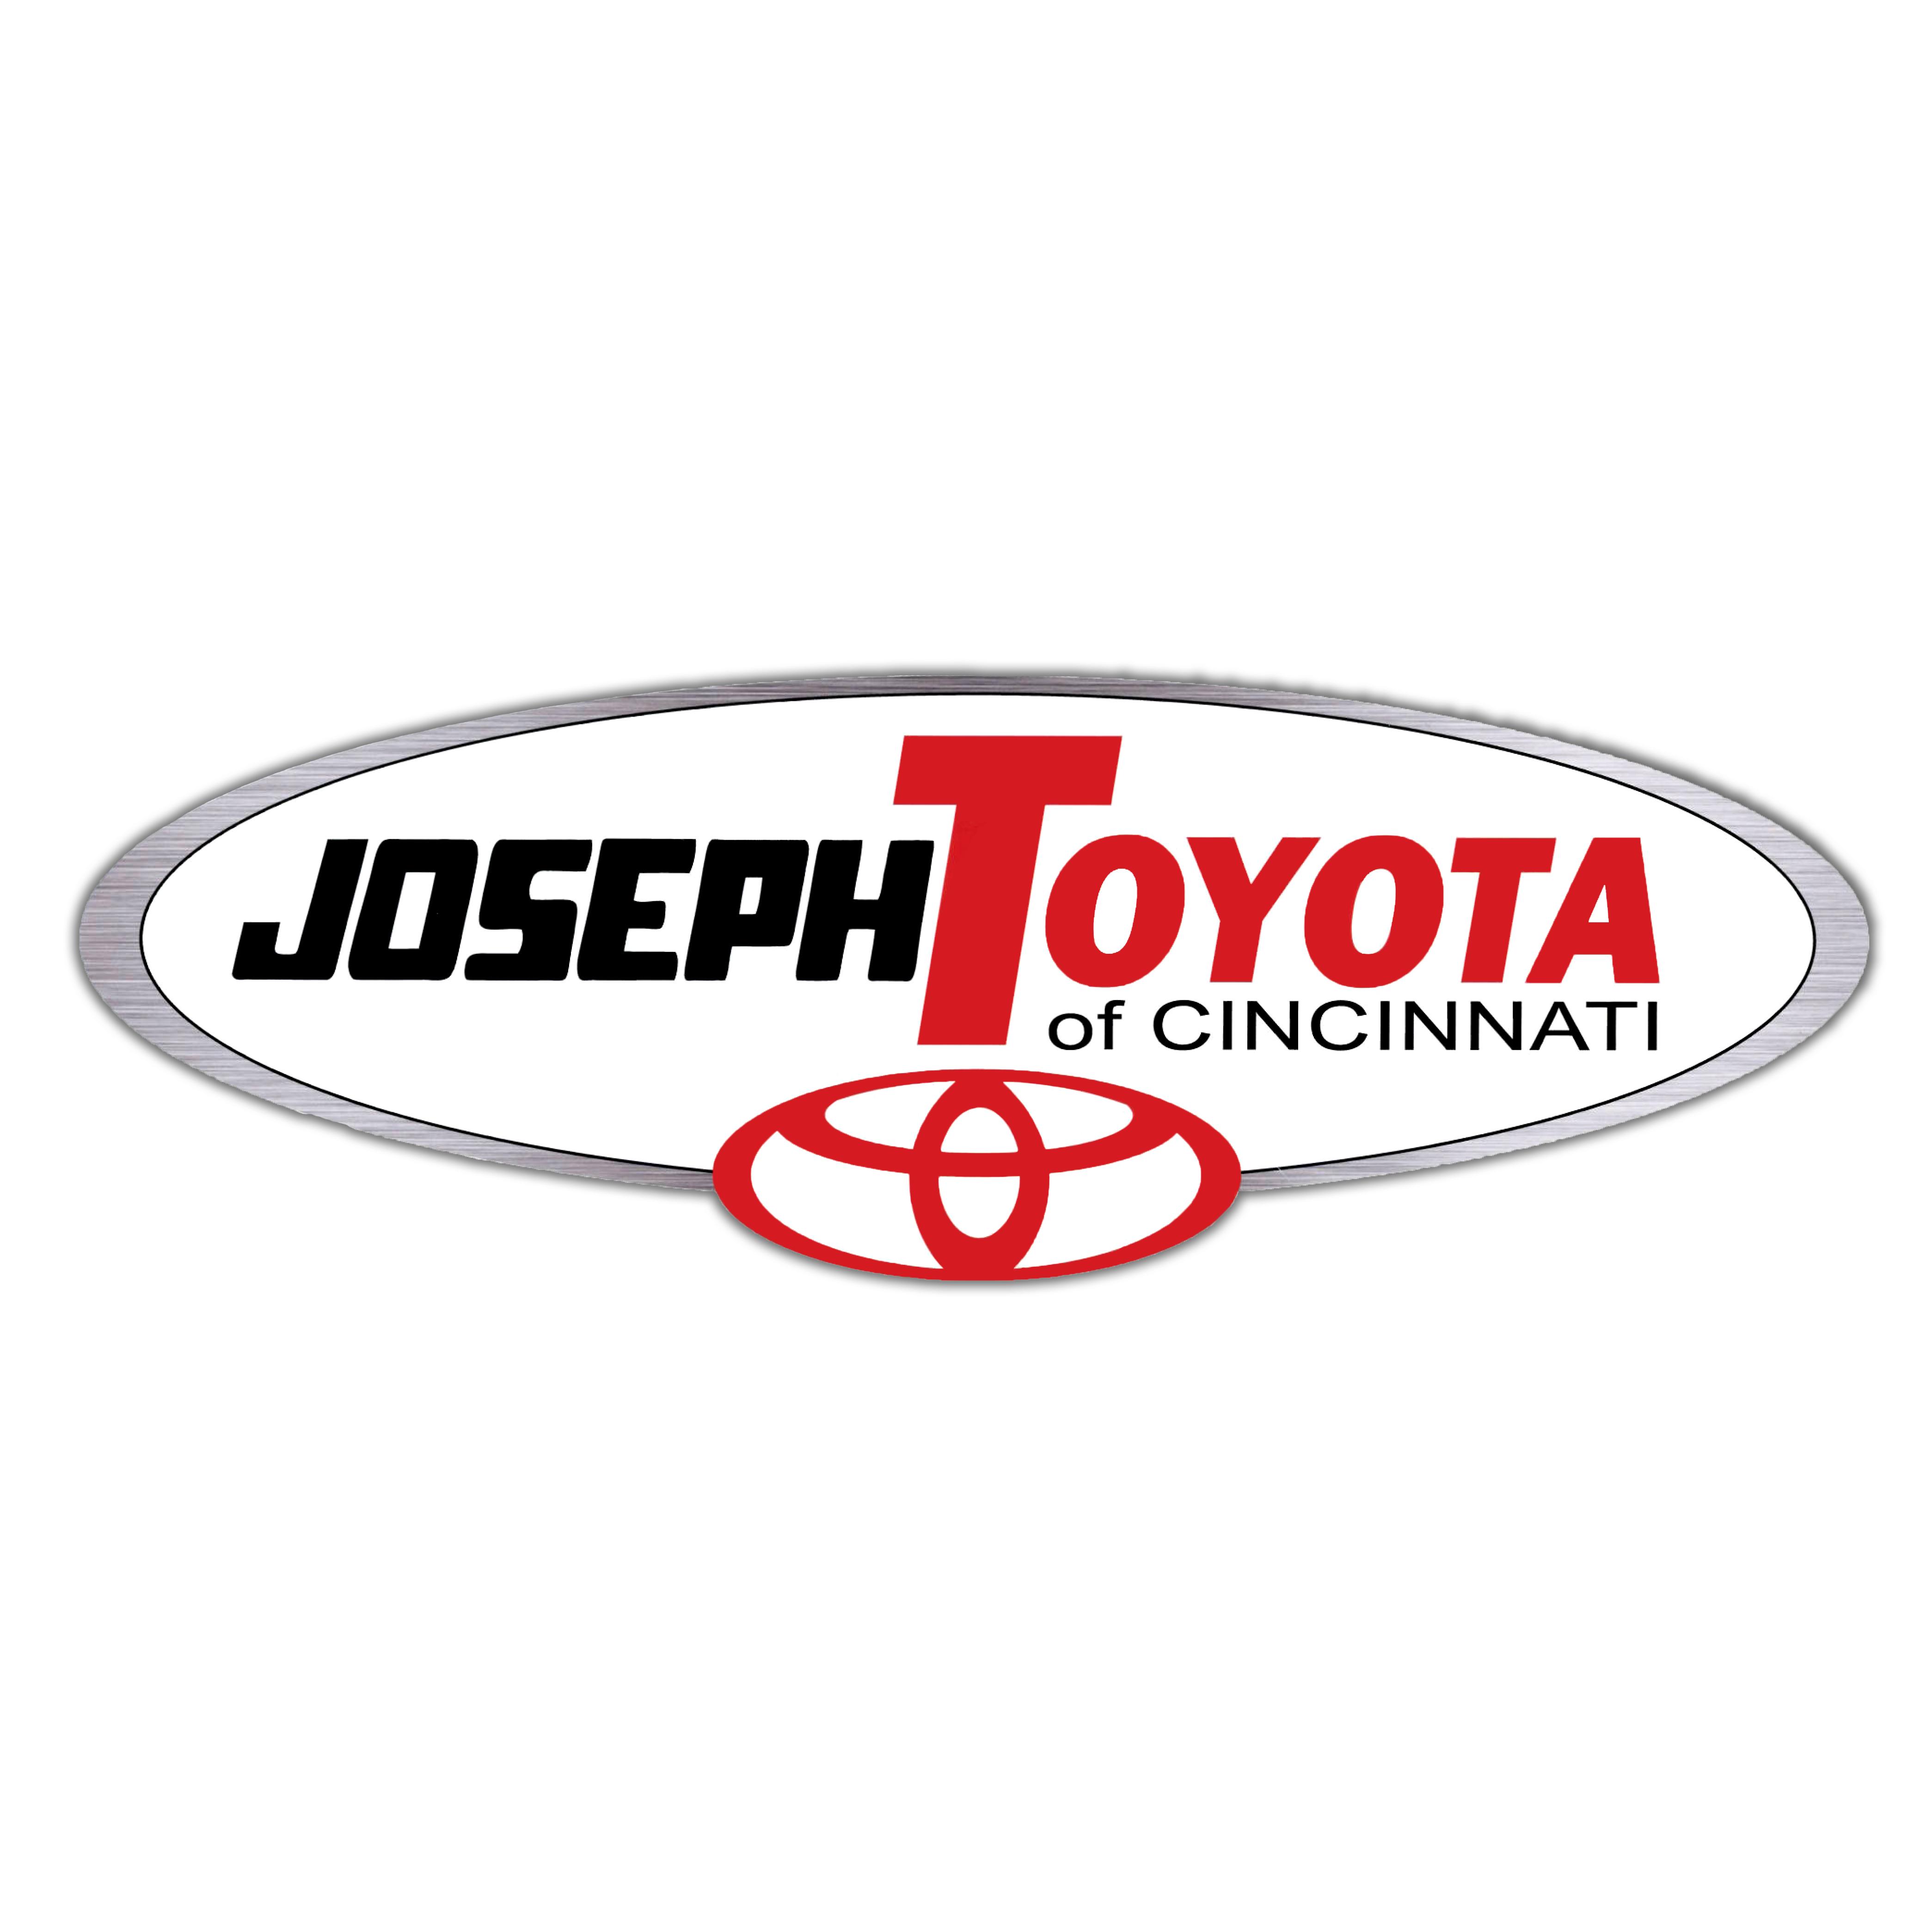 Joseph Toyota of Cincinnati